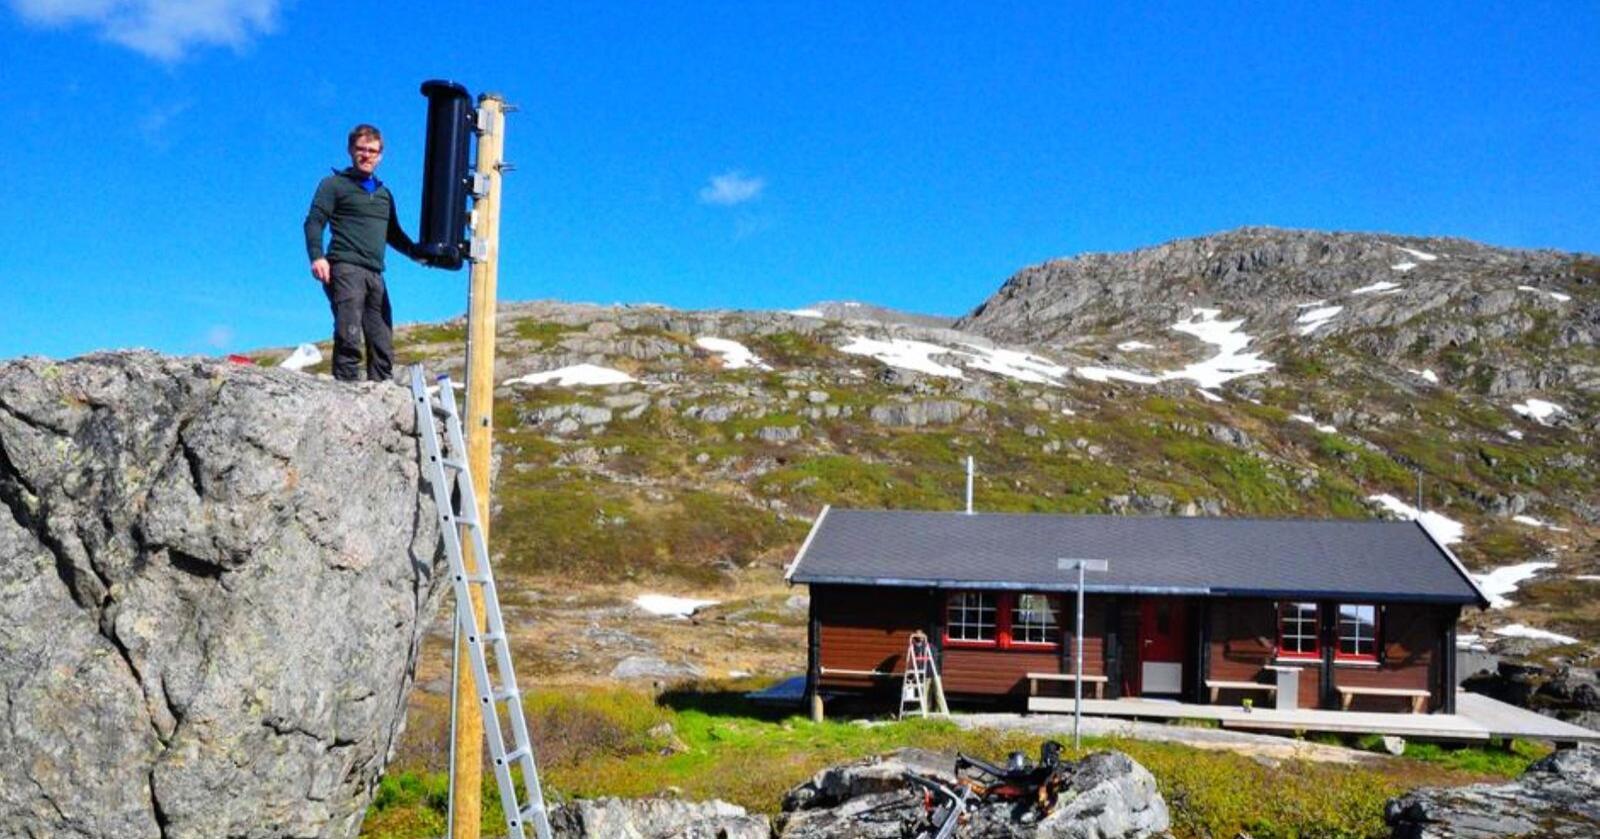 Går for vindkraft. - Vindkraftprosjektet vårt kan også ha overføringsverdi til bruk av mindre vindmøller ved DNT-hytter i andre fjellområder. Dermed kan også bruken av dieselaggregat på en del hytter reduseres, sier leder i Vesterålen Turlag, Trond Løkke. Her ved vindturbinen ved Snytindhytta – som i høst skal erstattes av en mindre og mer robust vindmølle som tåler ekstremvær. Foto: Privat